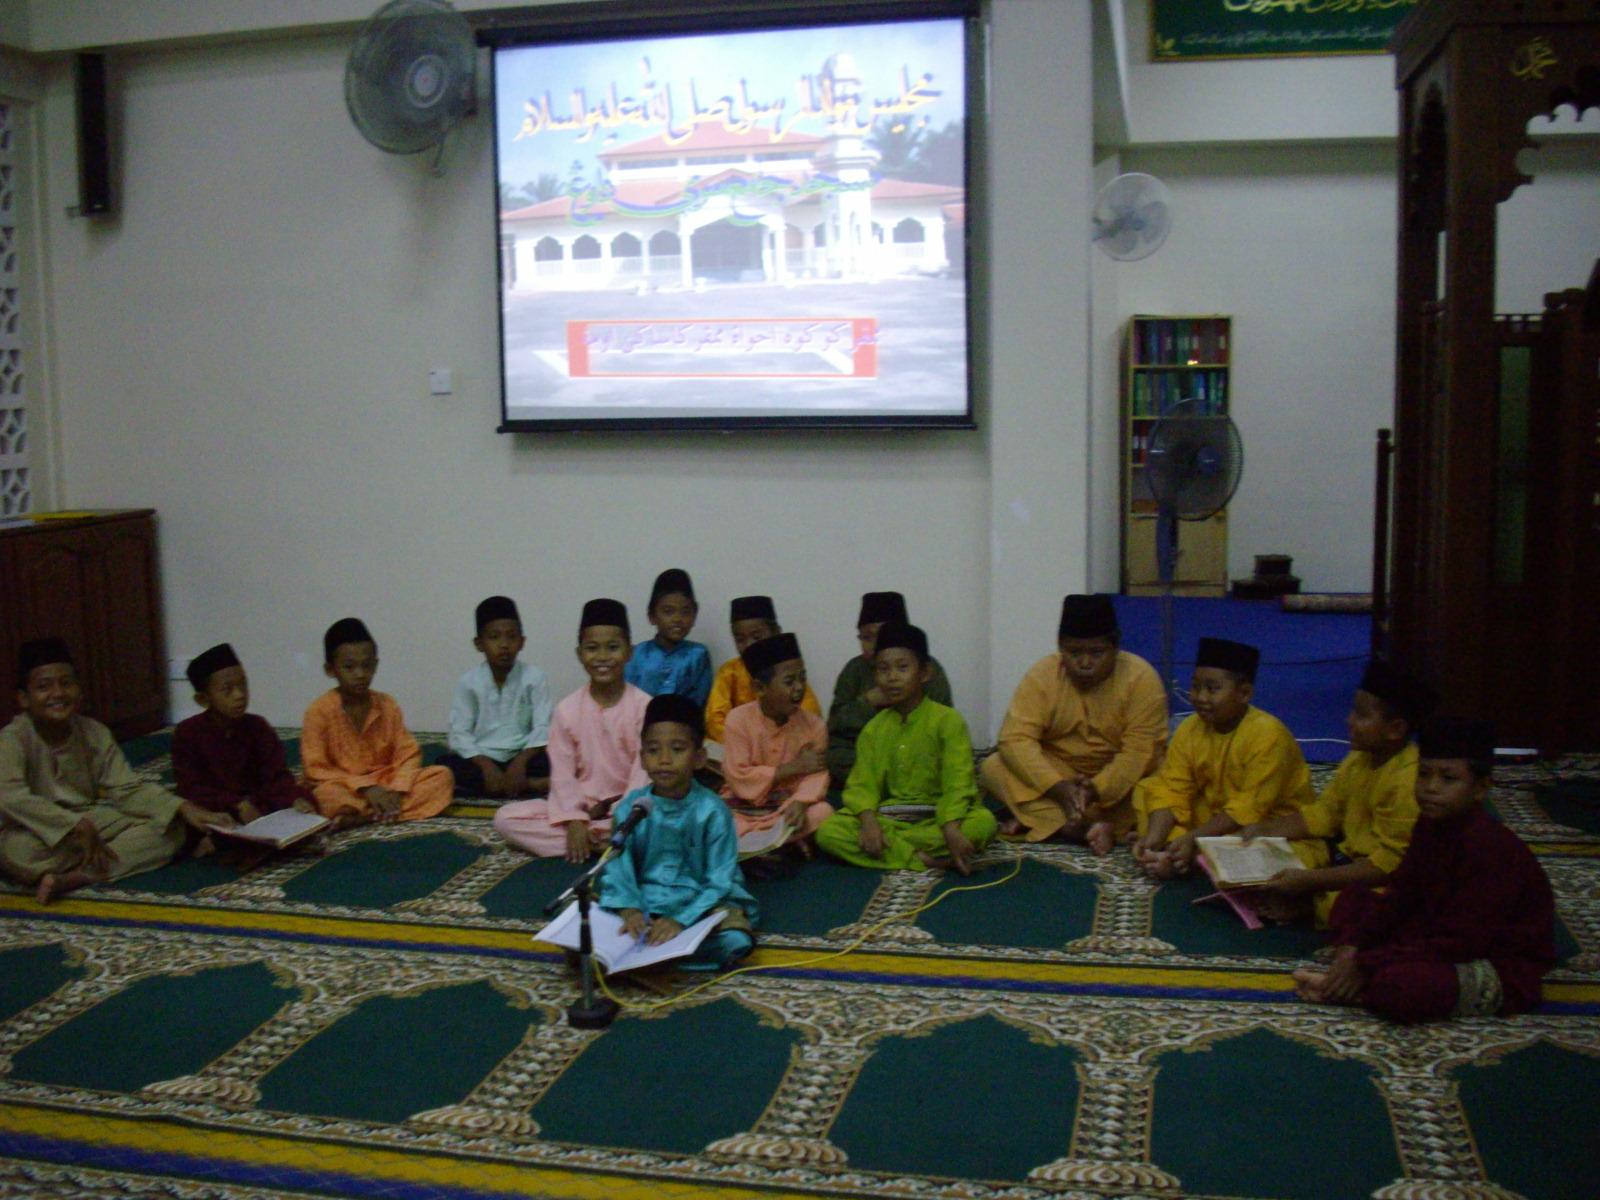 Semoga Majlis Ini Dapat Dijadikan Permulaan Sayang Masjid Bagi Anak